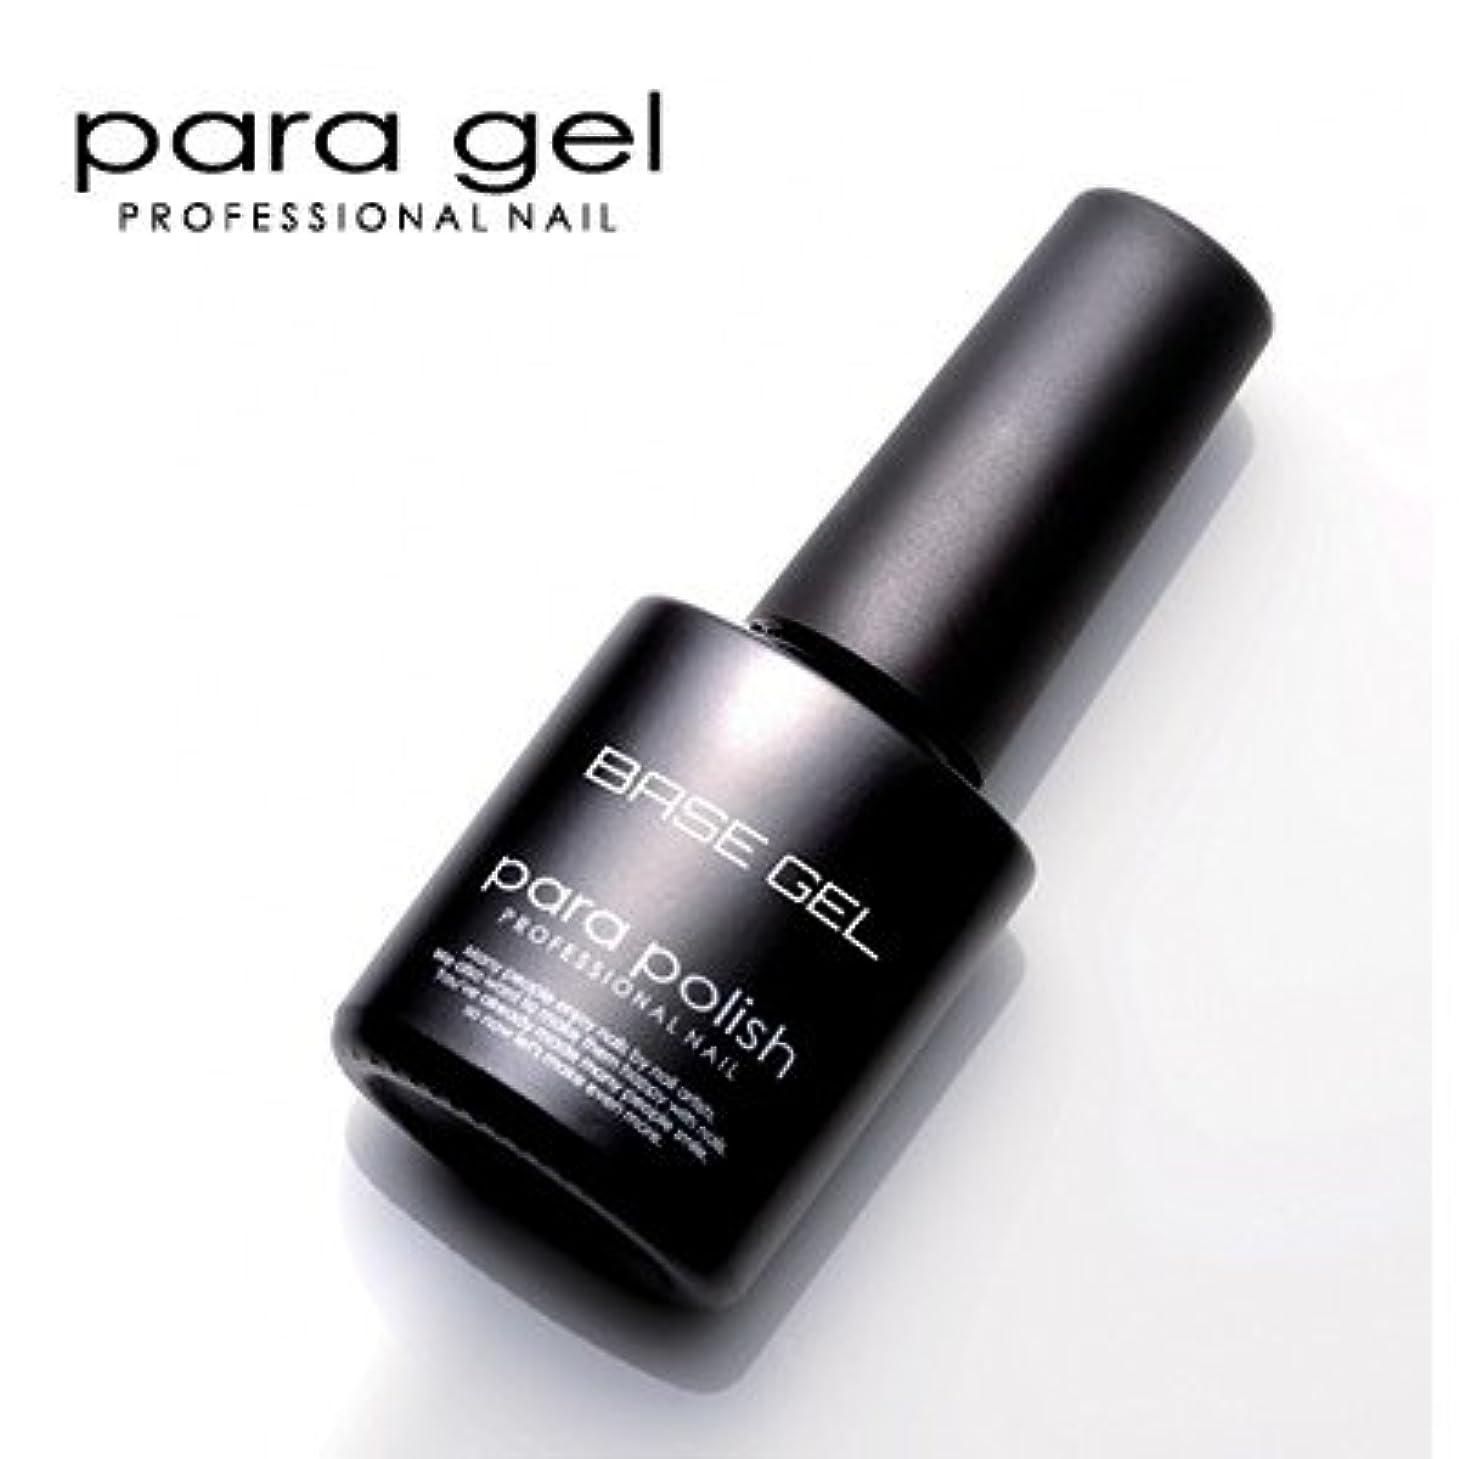 赤ちゃんクライストチャーチ標準パラジェル para polish(パラポリッシュ) ベースジェル 7g